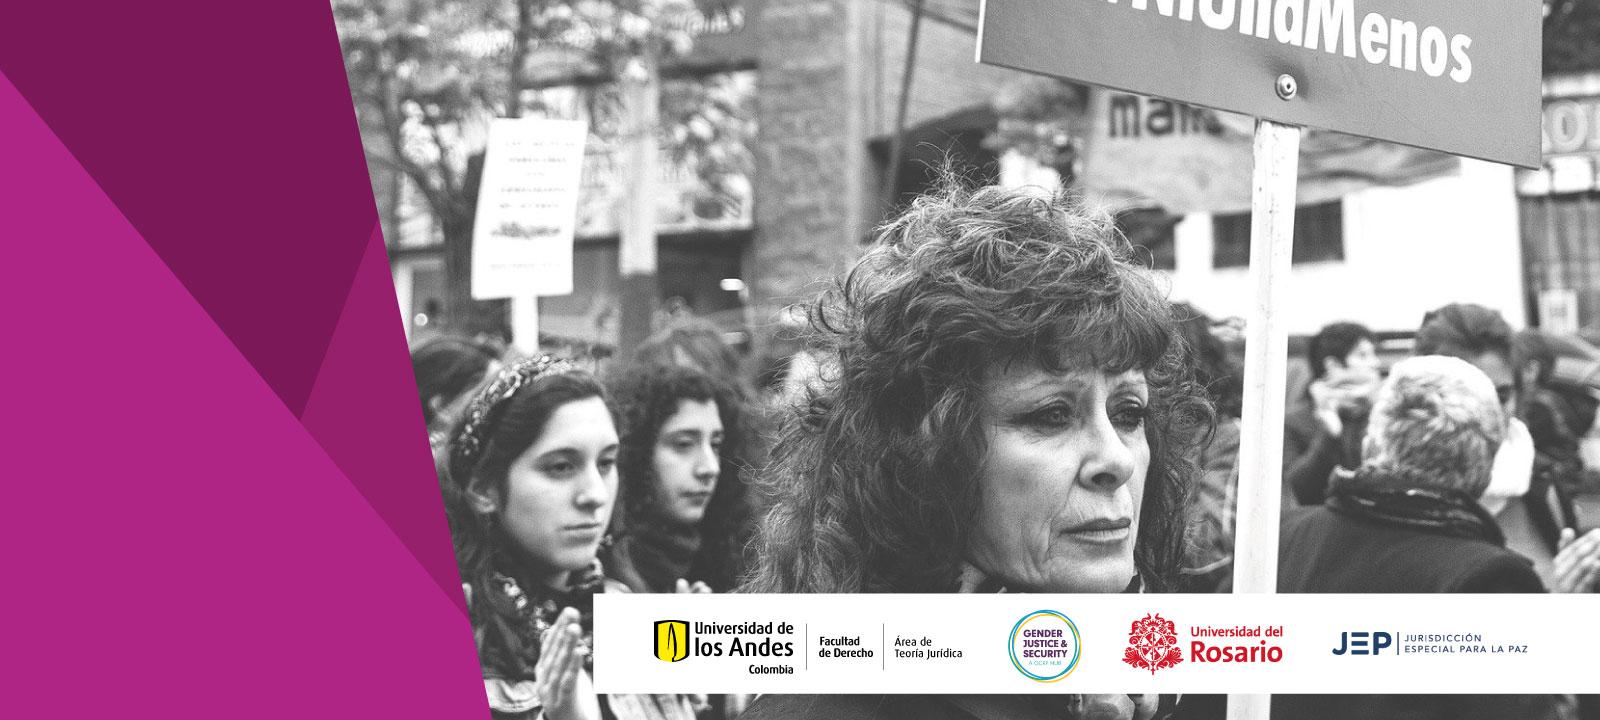 Feminismo y violencia sexual: una conversación sobre las diferencias - Mujeres marchando Conversatorio: La batalla por el derecho al aborto en Colombia